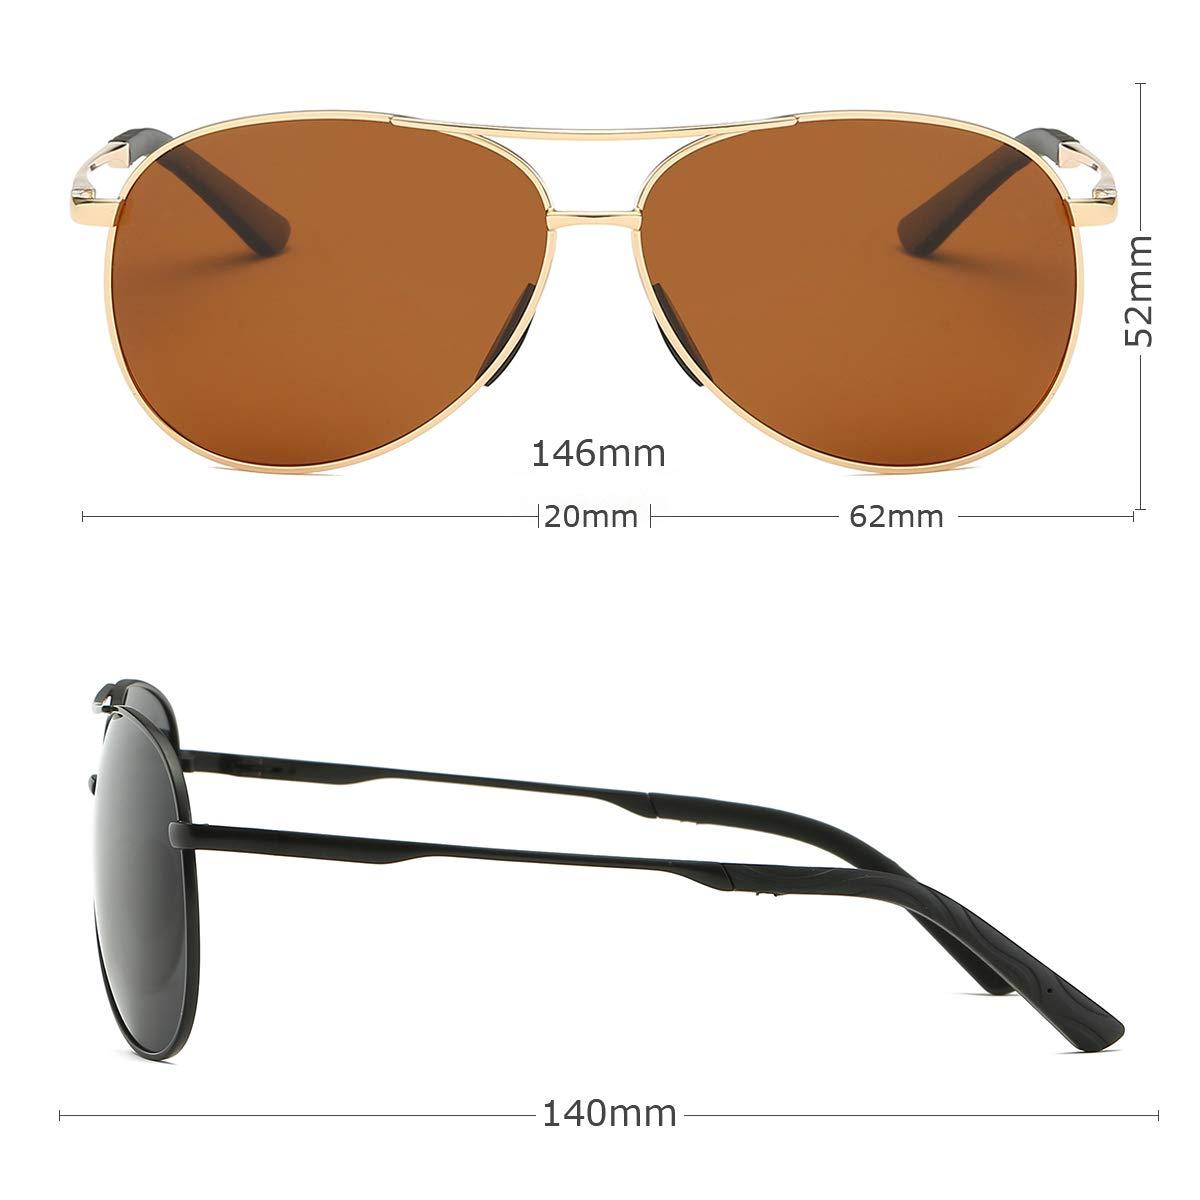 EOSNEIK Sonnenbrille Herren Pilotenbrille Polarisiert Pilotenbrille Polarisierte Sonnenbrille Herren Pilot Unisex UV400 Schutz durch